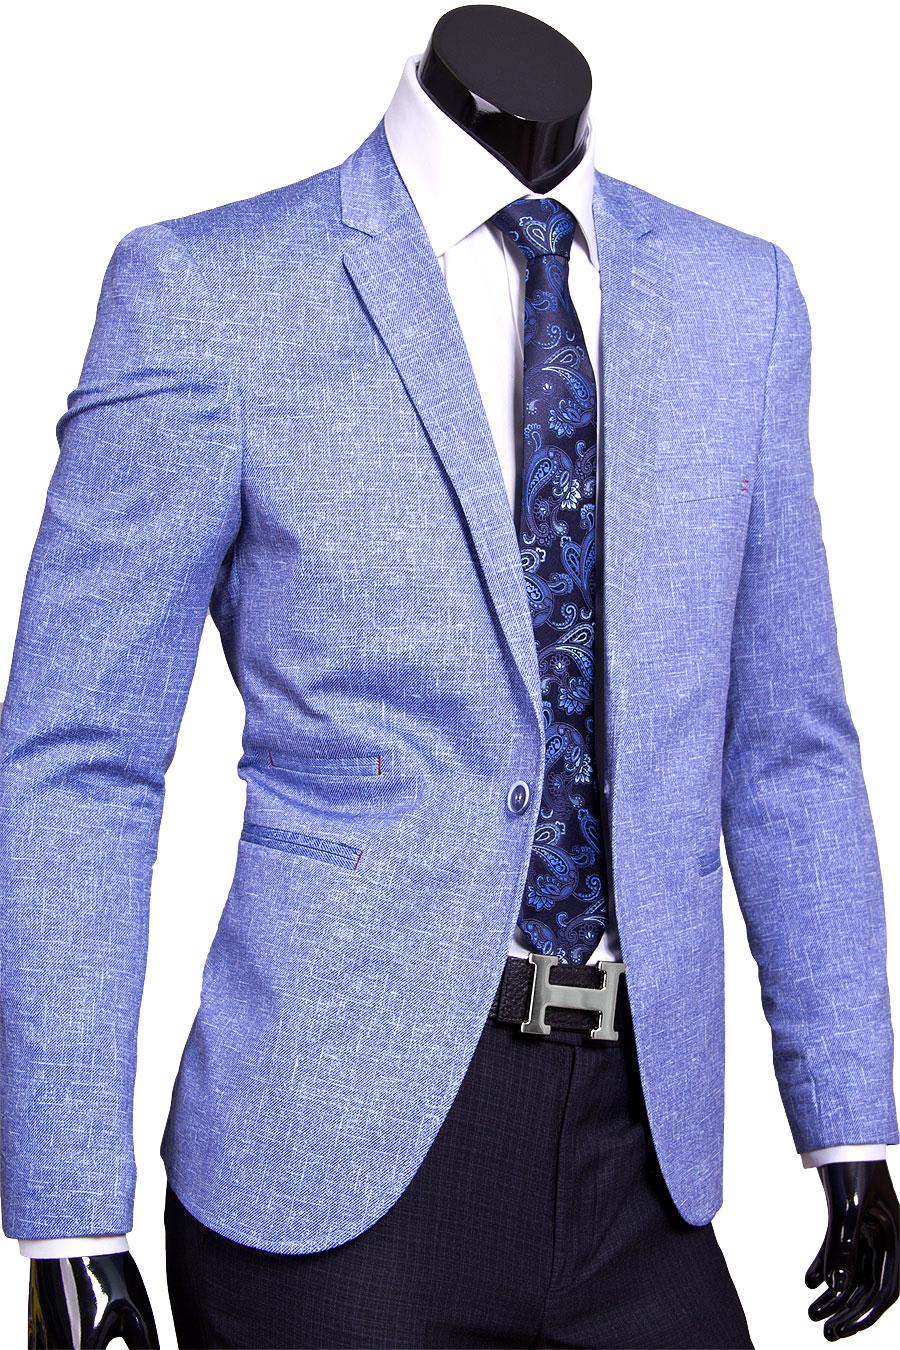 35207532733 Модный мужской пиджак под джинсы голубого цвета купить